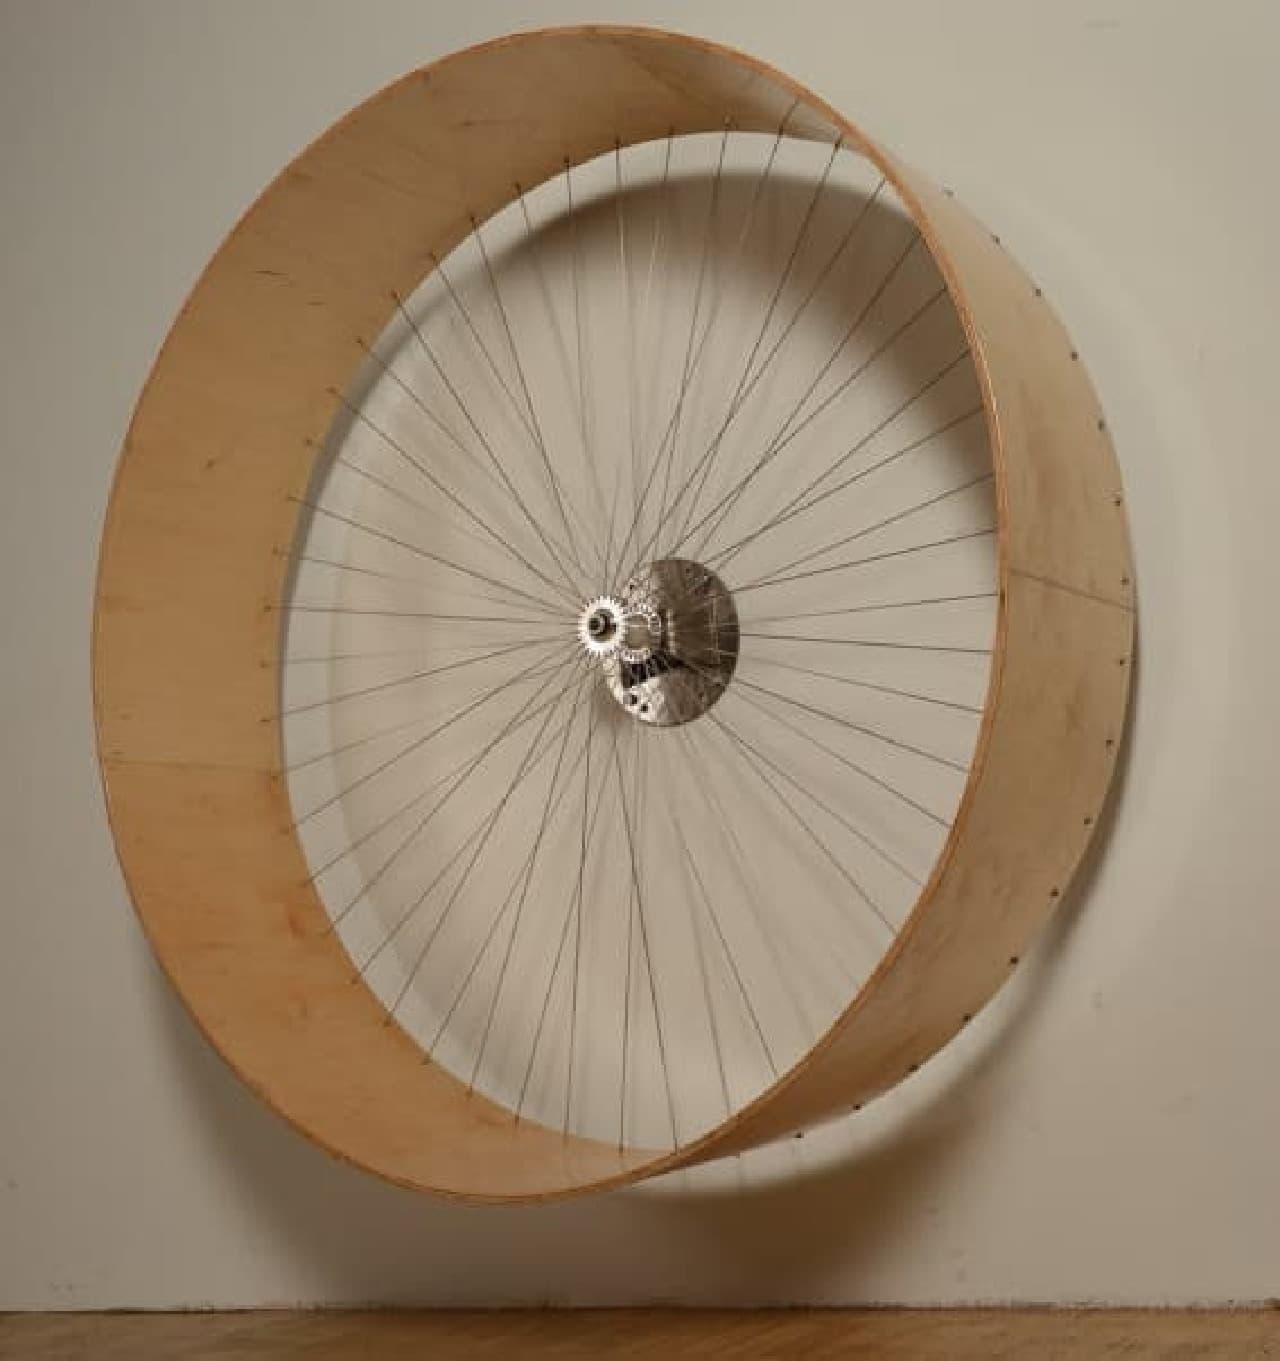 「The cats wall's wheel」は「One Fast Cat」とは異なり、壁に取り付けるタイプ  わずかなスペースにも設置できる